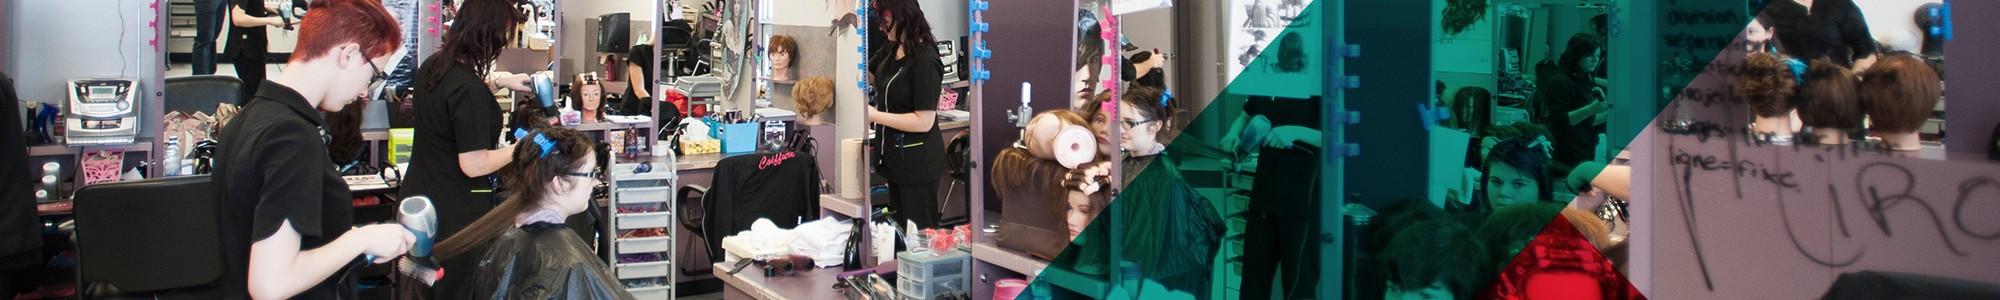 Banniere-coiffure-PasHaut